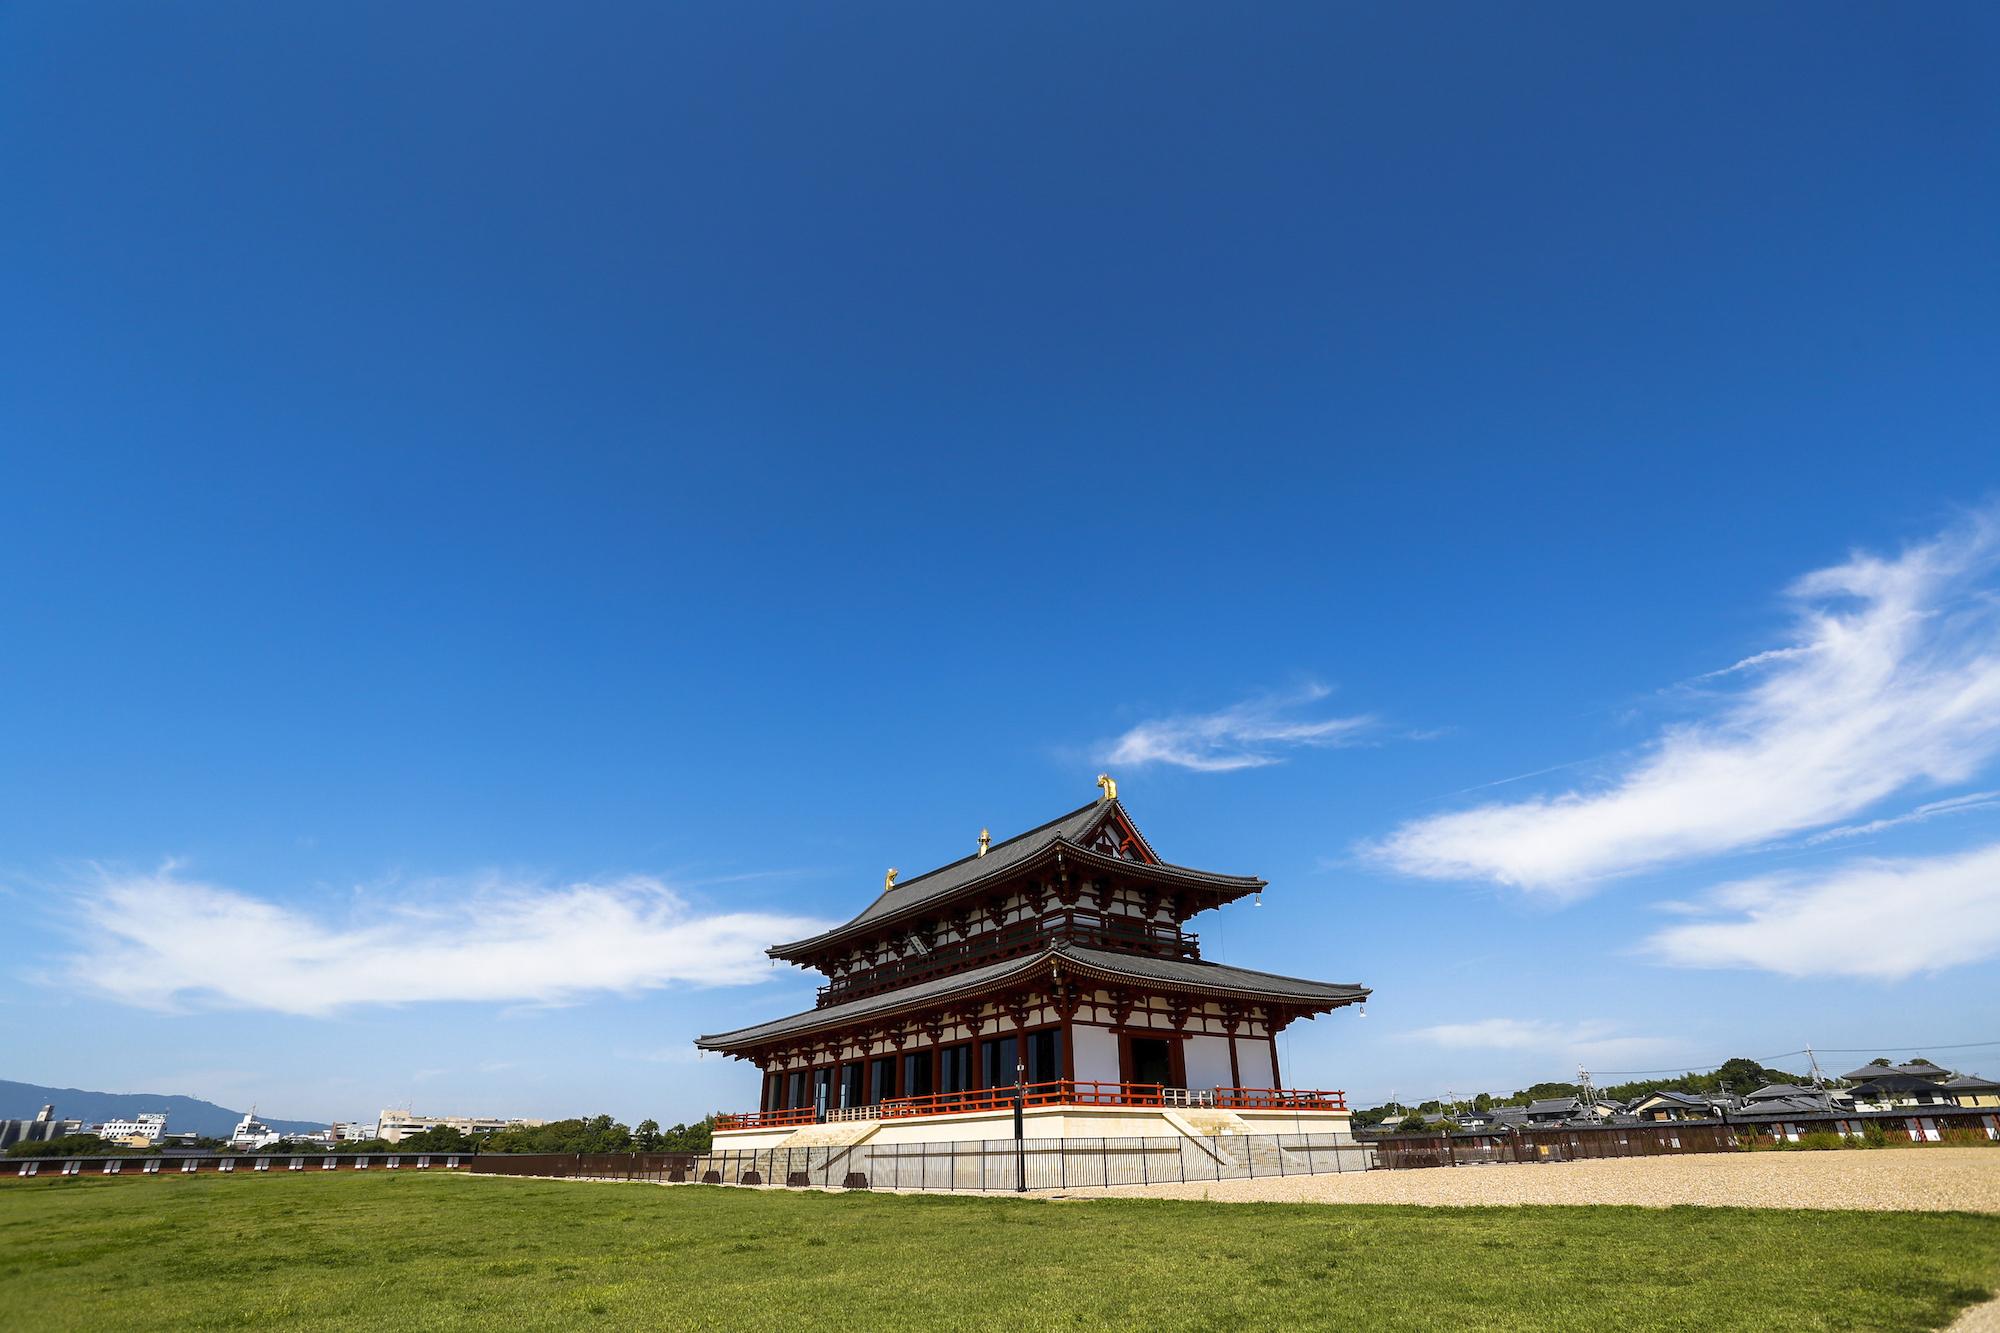 بقايا قصر إمبراطور اليابان القديم